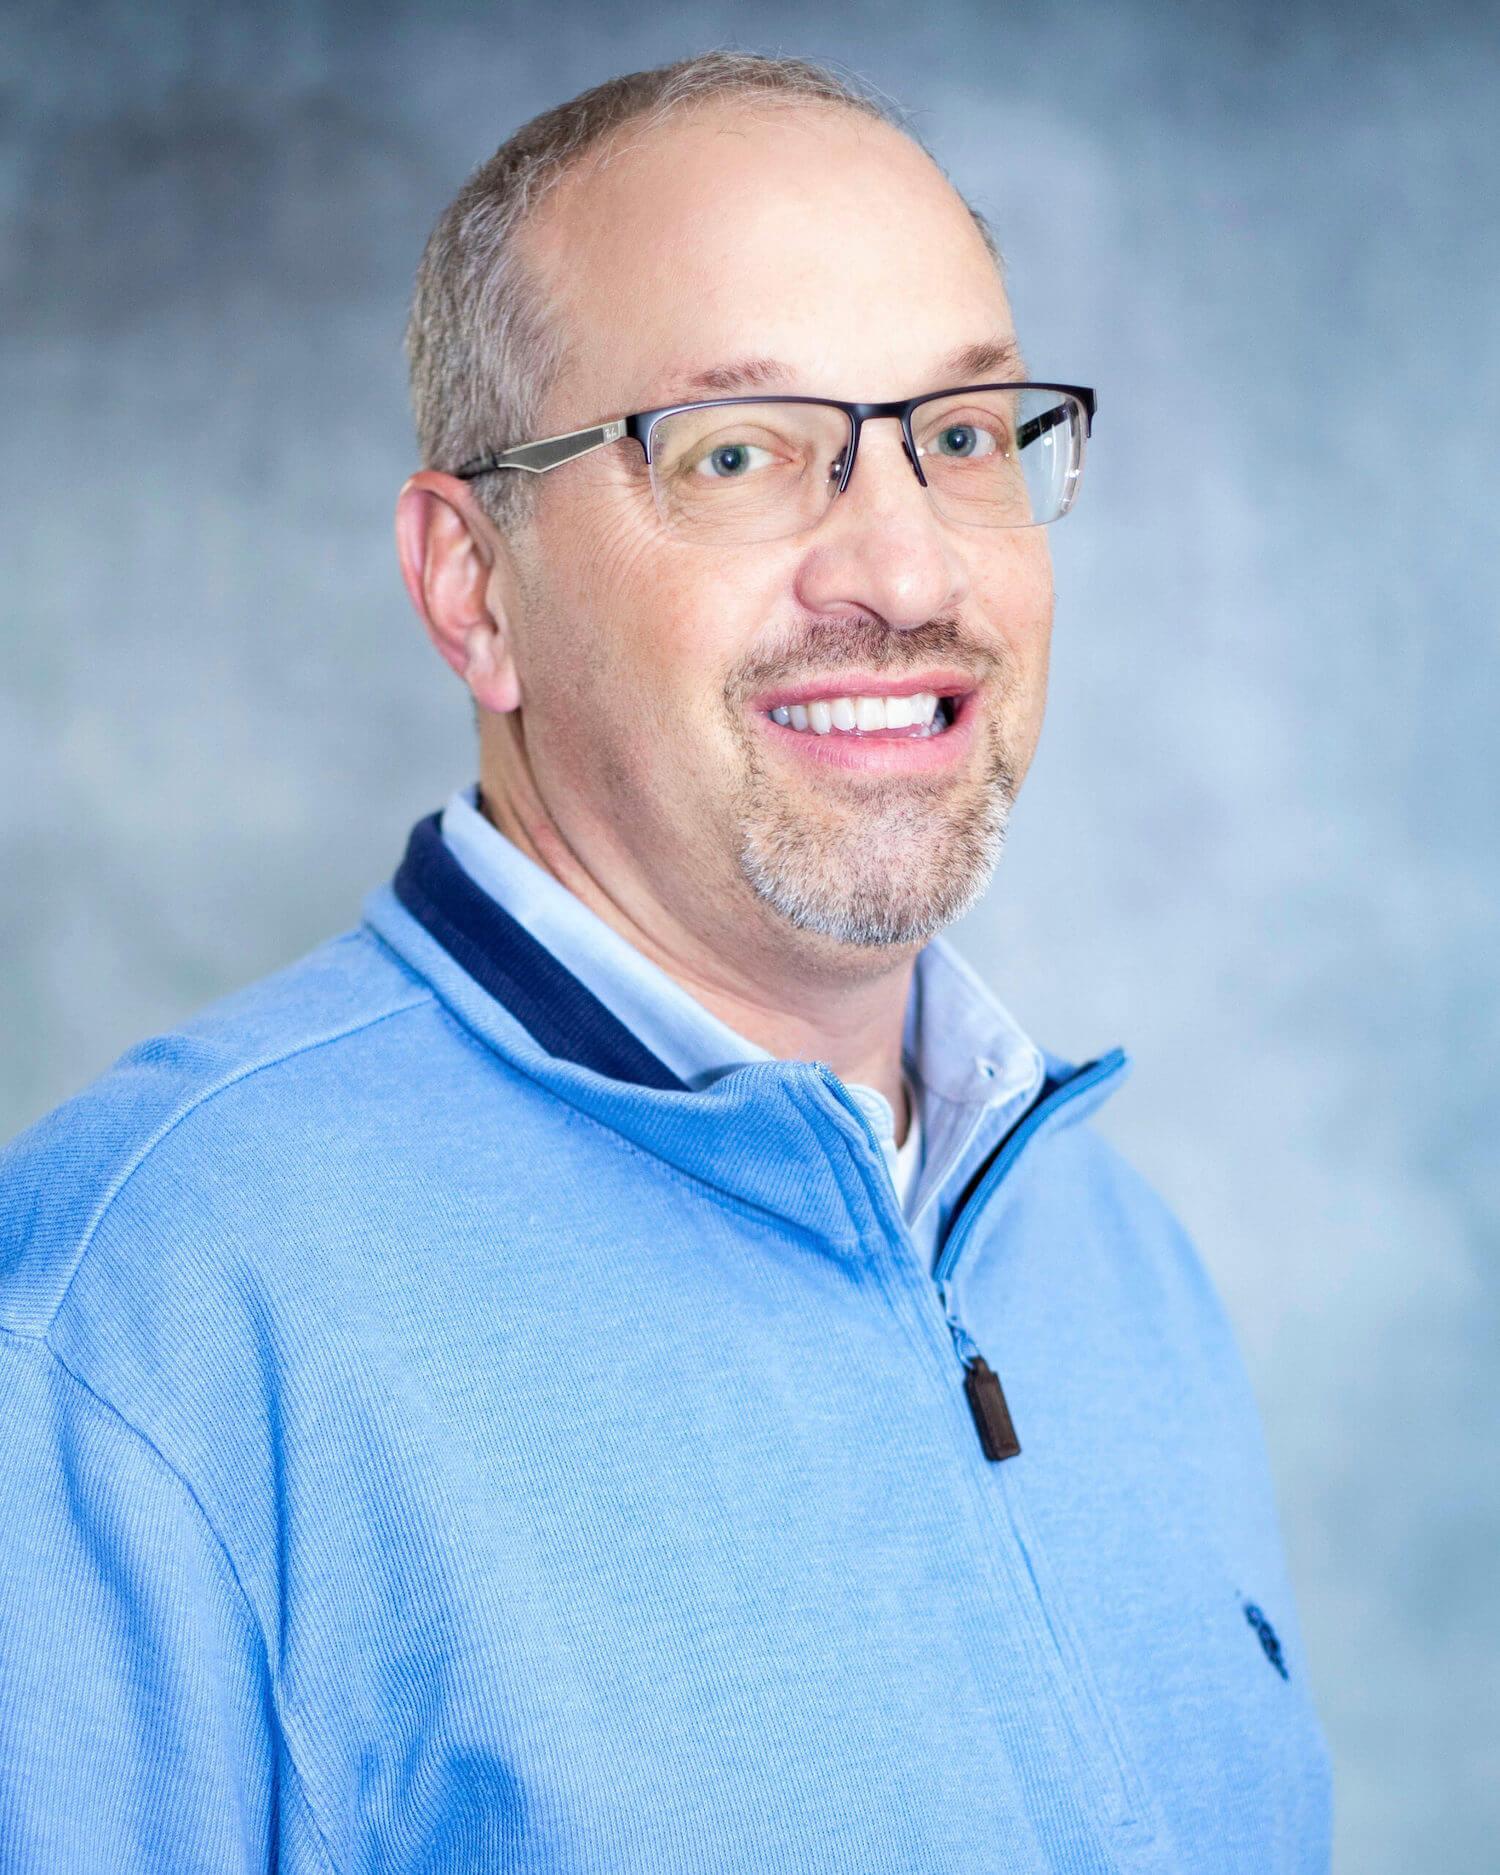 Mike Janinek